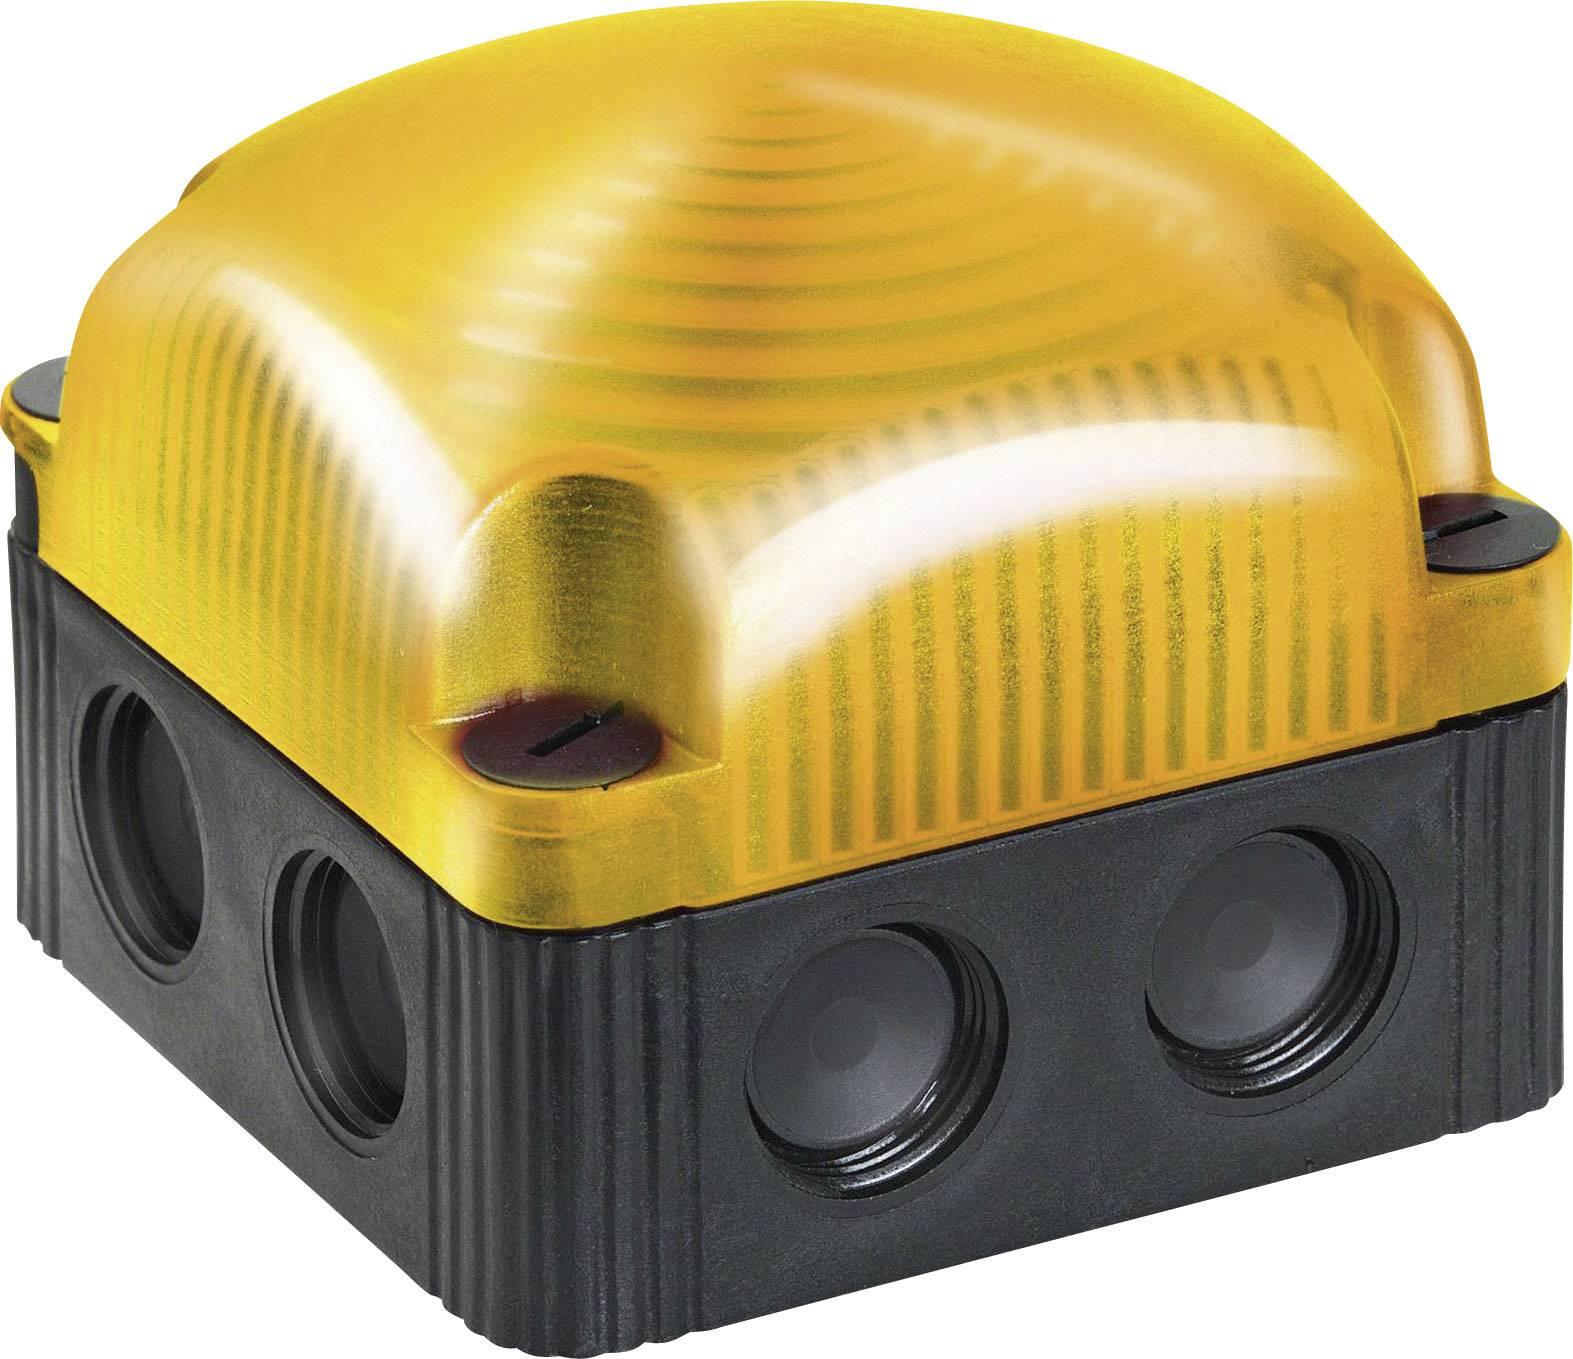 Signalizačné osvetlenie Werma Signaltechnik 853.300.60, LED trvalé svetlo, žltá